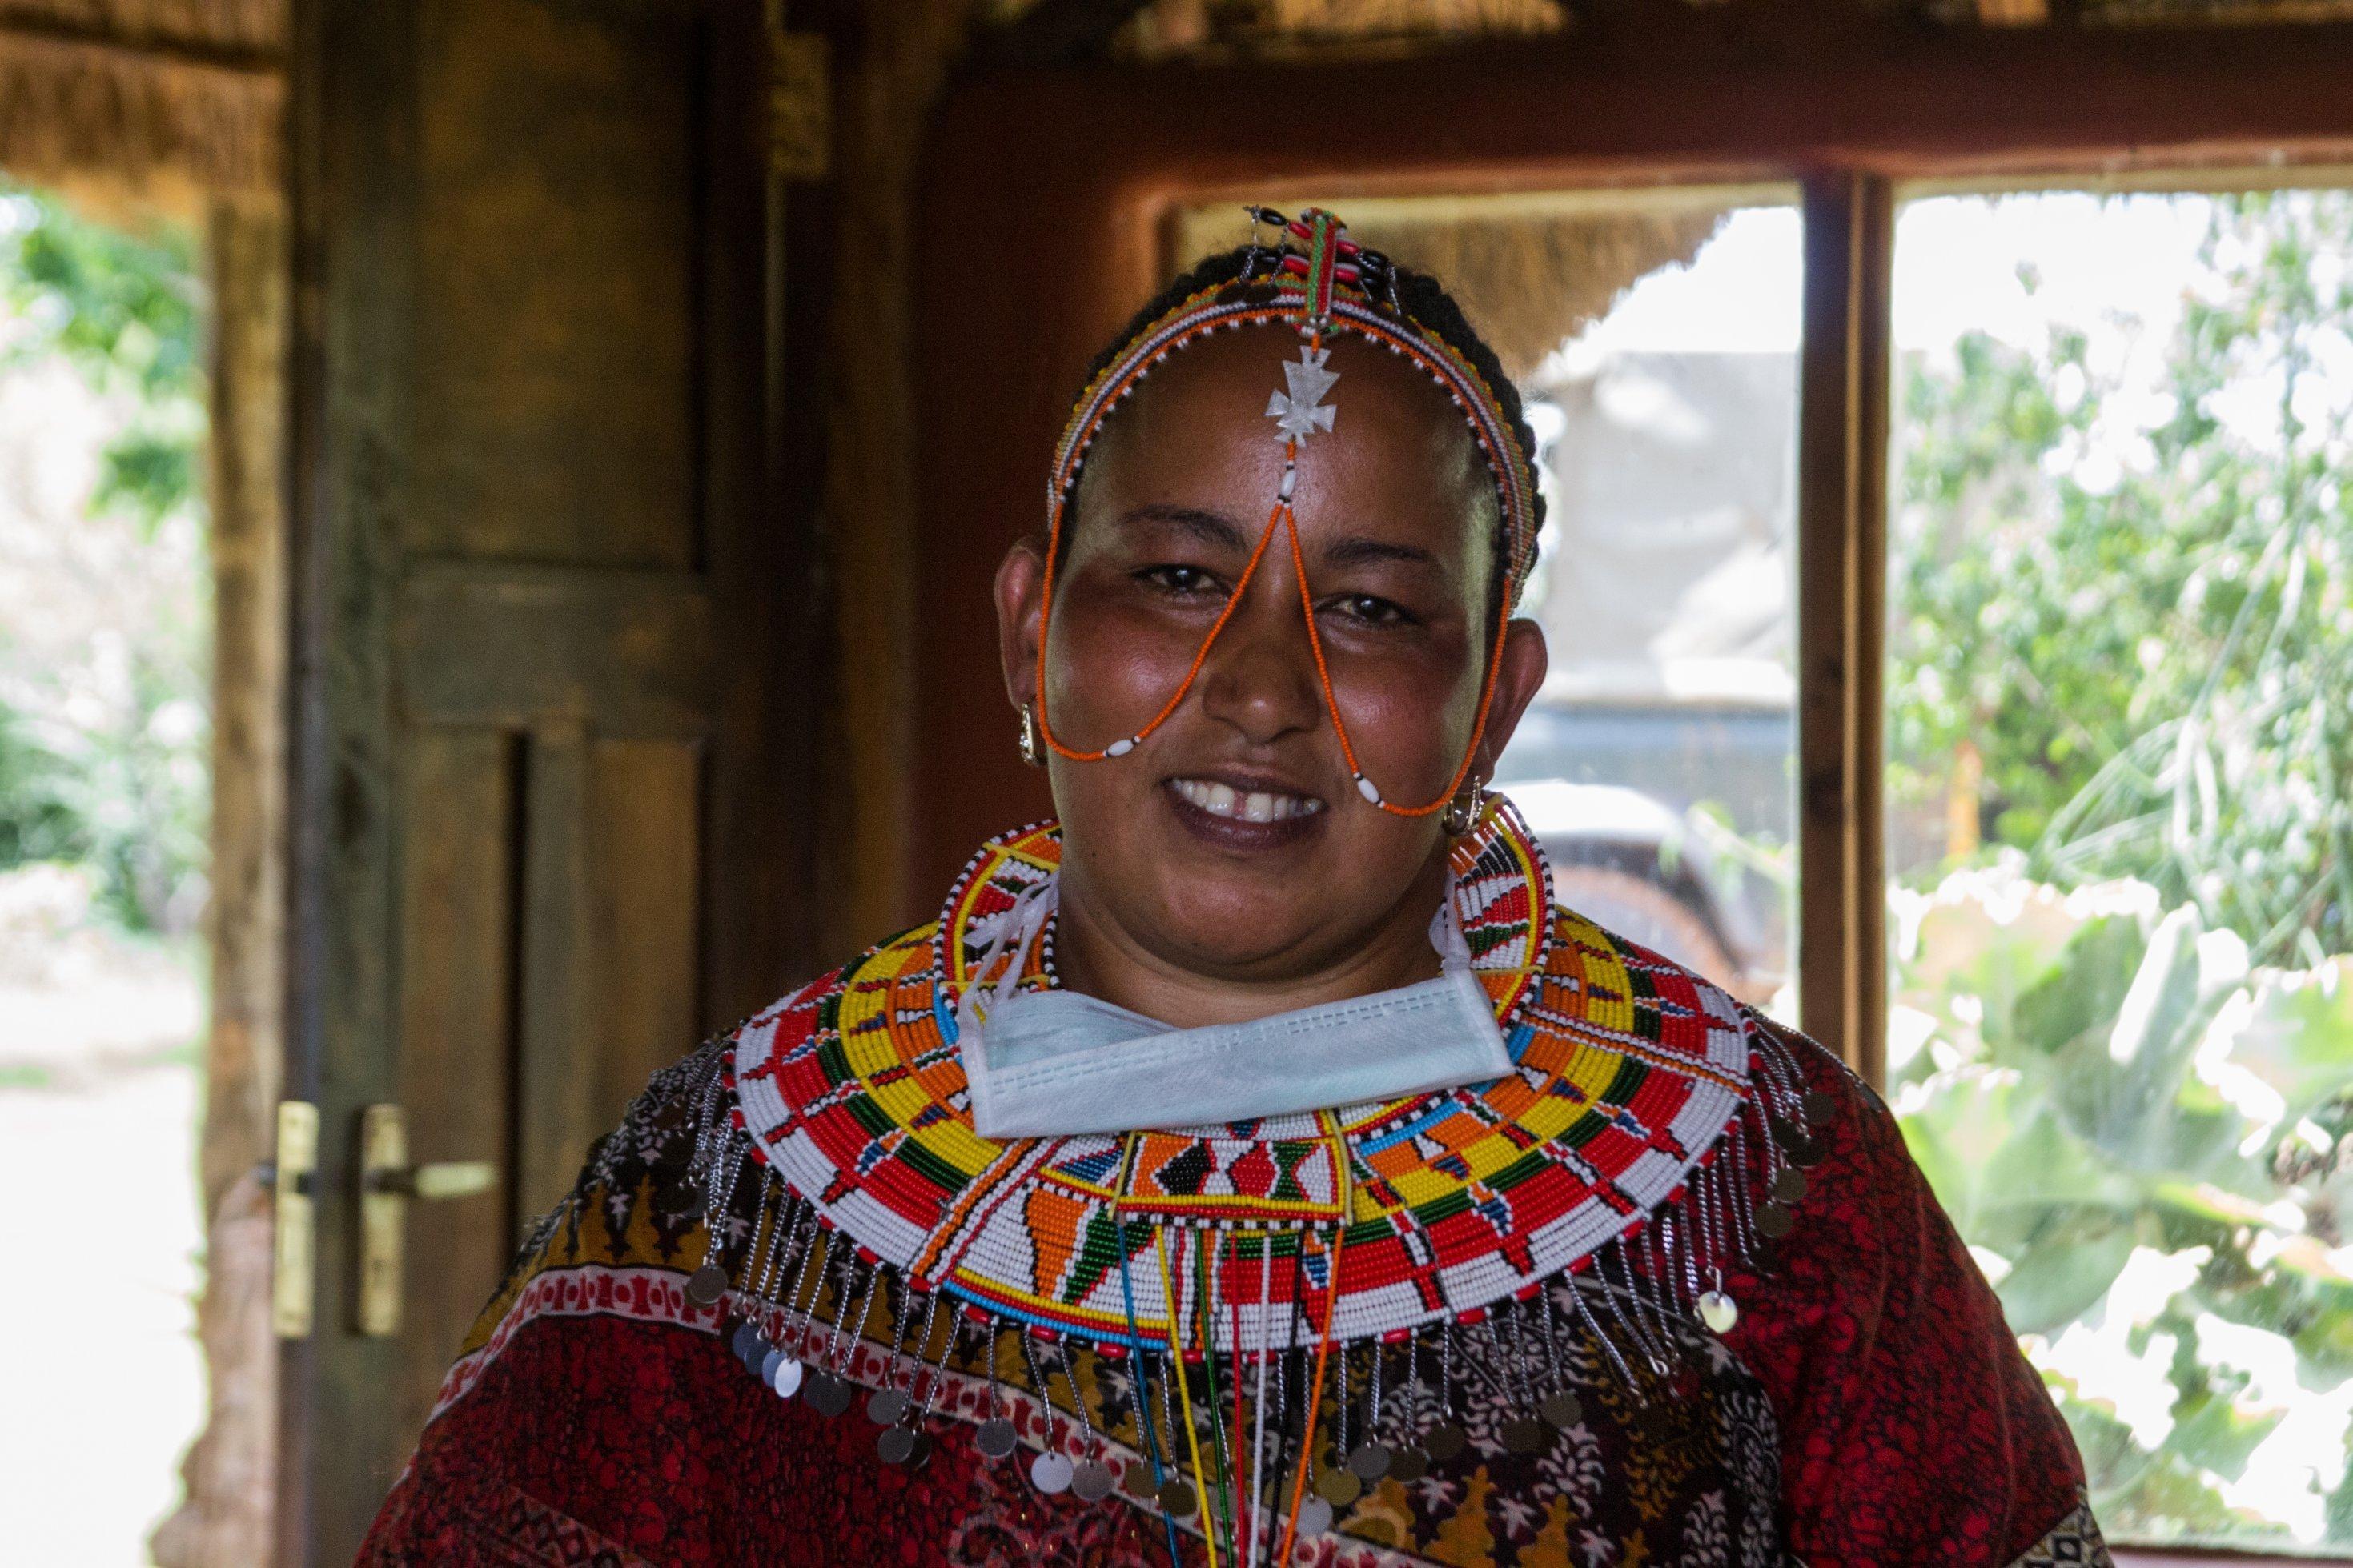 Ellie Modeste leitet mit ihrem Mann im Nordwesten Laikipias eine Lodge, die der Massai-Gemeinschaft gehört. Ellie Modeste ist jung, Mitte 30. Sie trägt aufwändigen Perlenschmuck der Massai: eine breite Halskrause und ein Stirnband, von dem Ketten hängen, die auch das Gesicht verziehen.